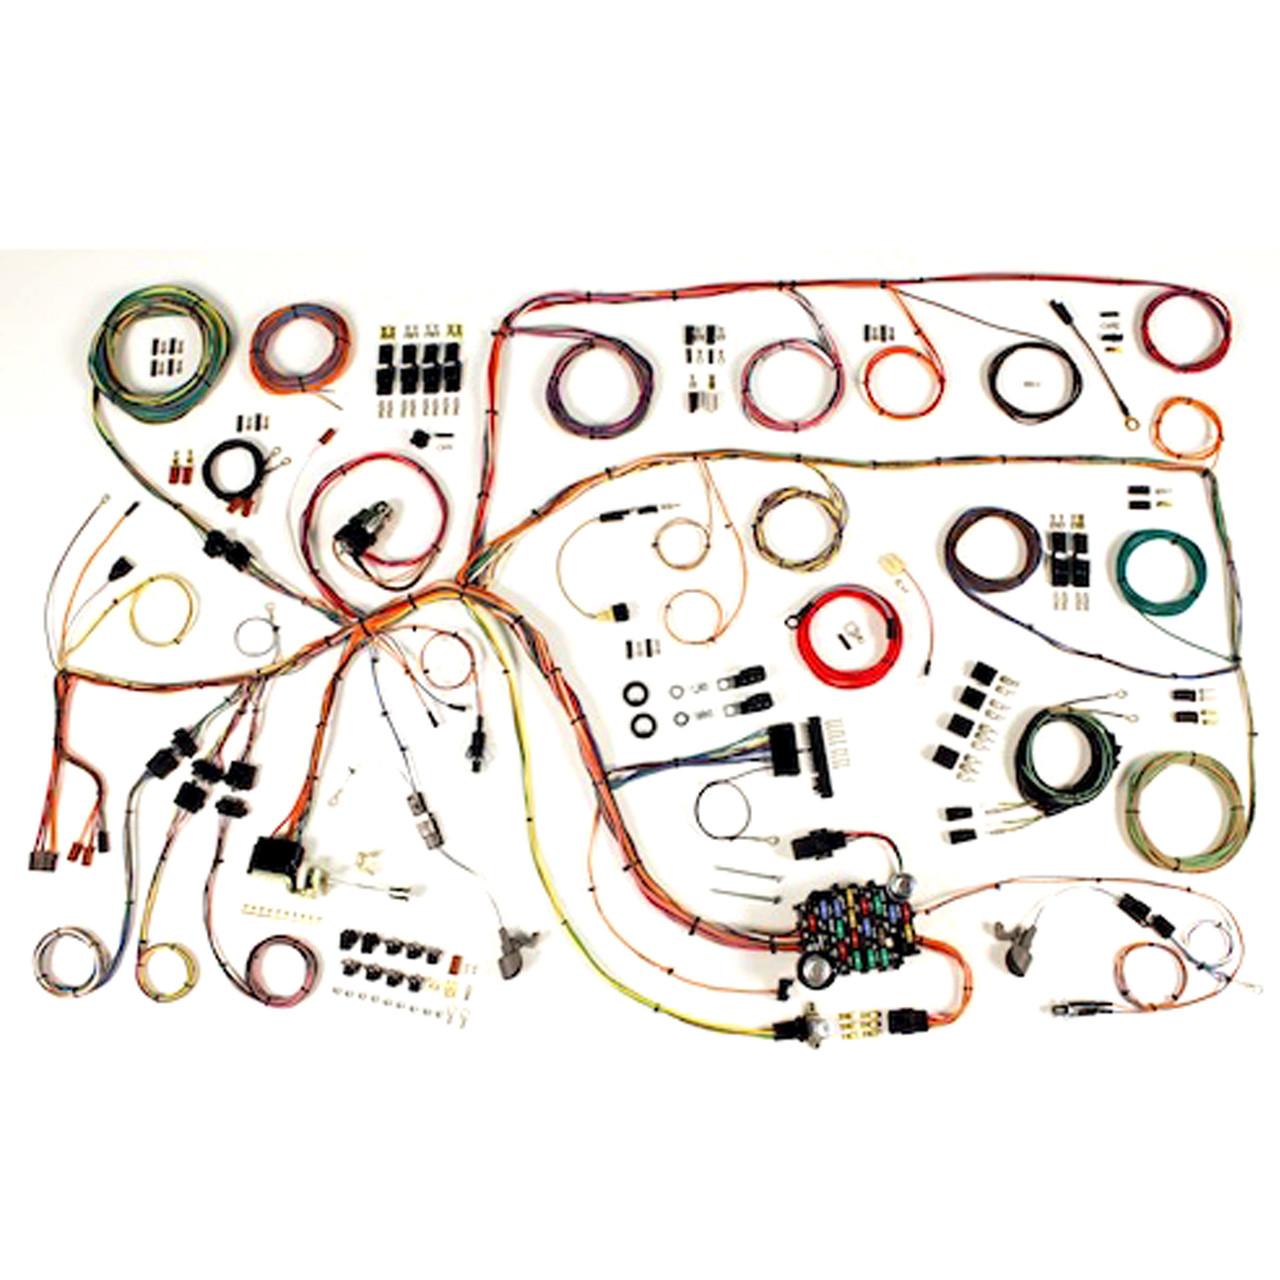 1964 mercury comet wiring online wiring diagram 1966 mercury monterey 1966 mercury cyclone wiring diagrams [ 1280 x 1280 Pixel ]